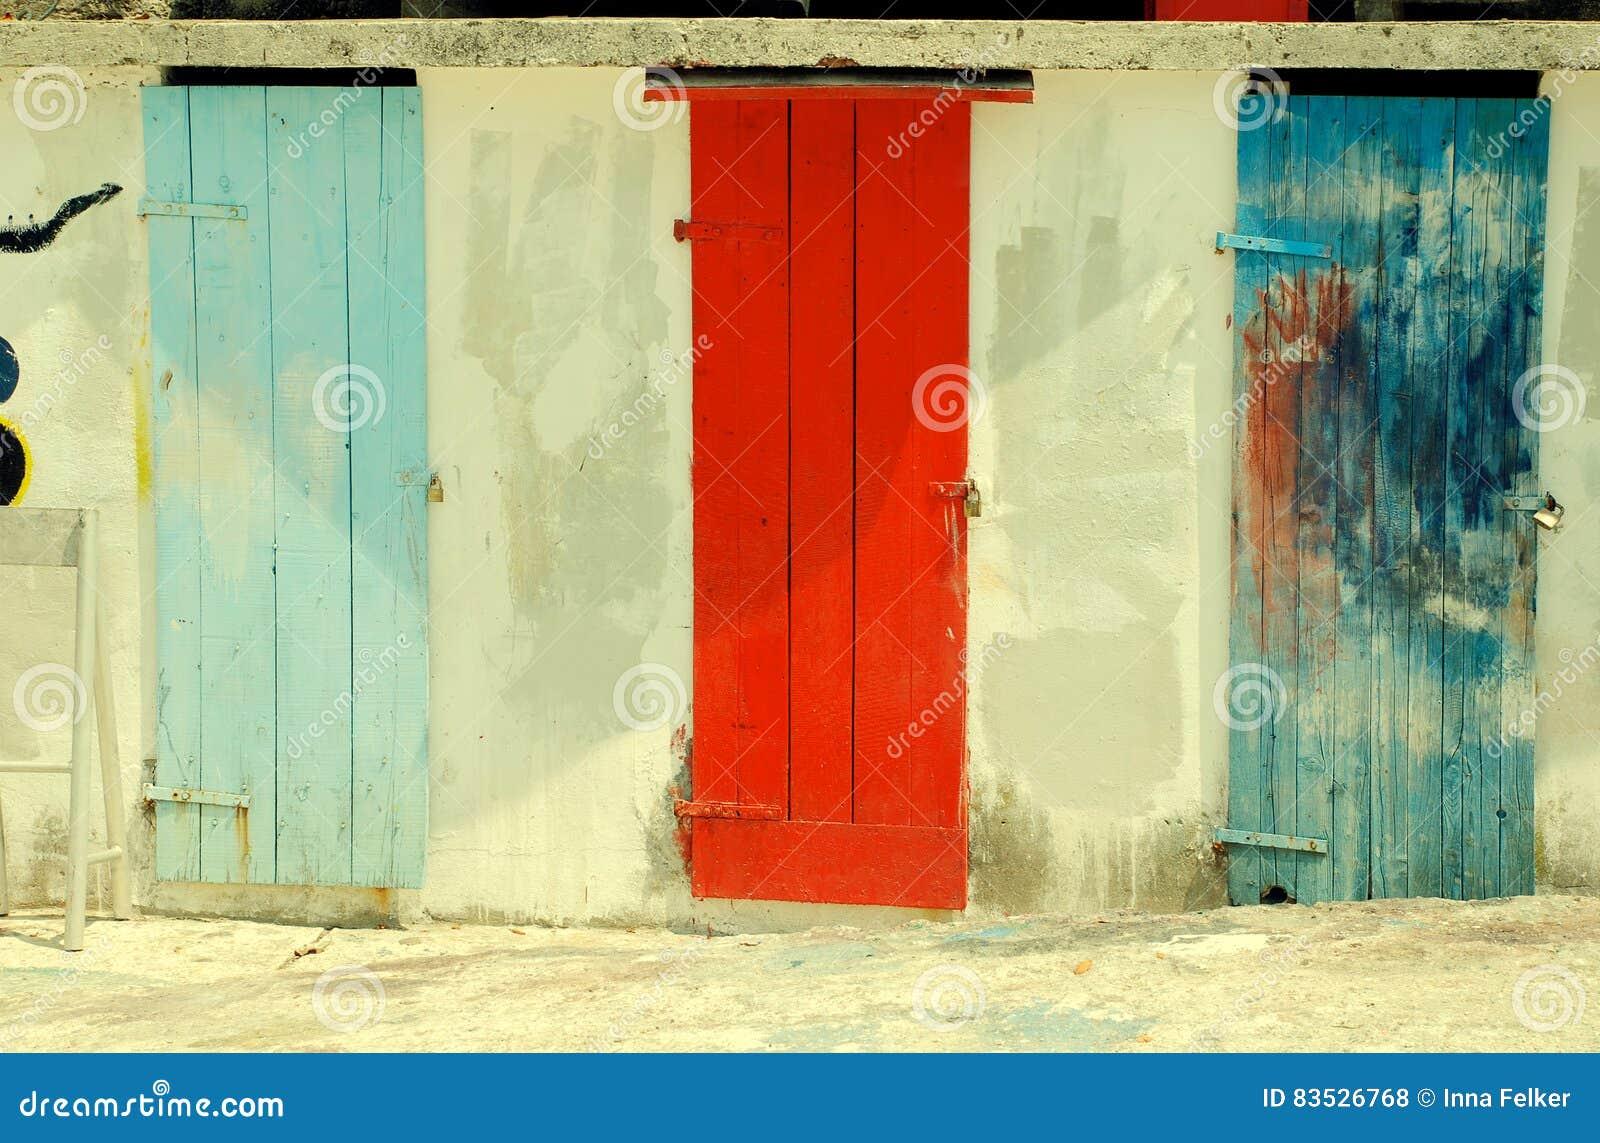 Multicolored run-down doors